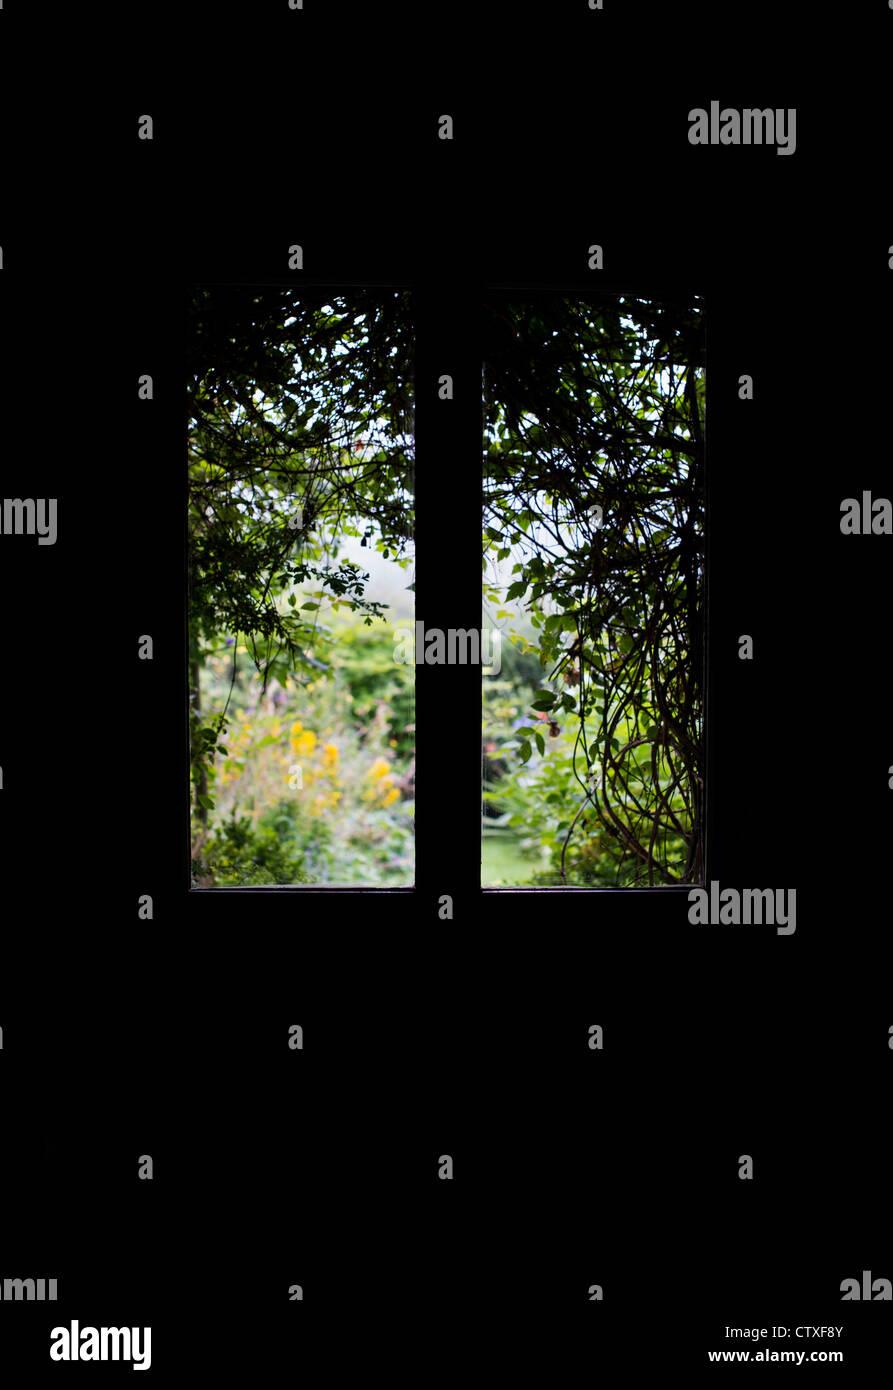 Ricoperta con vista giardino attraverso le finestre di vetro in una porta anteriore. Silhouette Immagini Stock